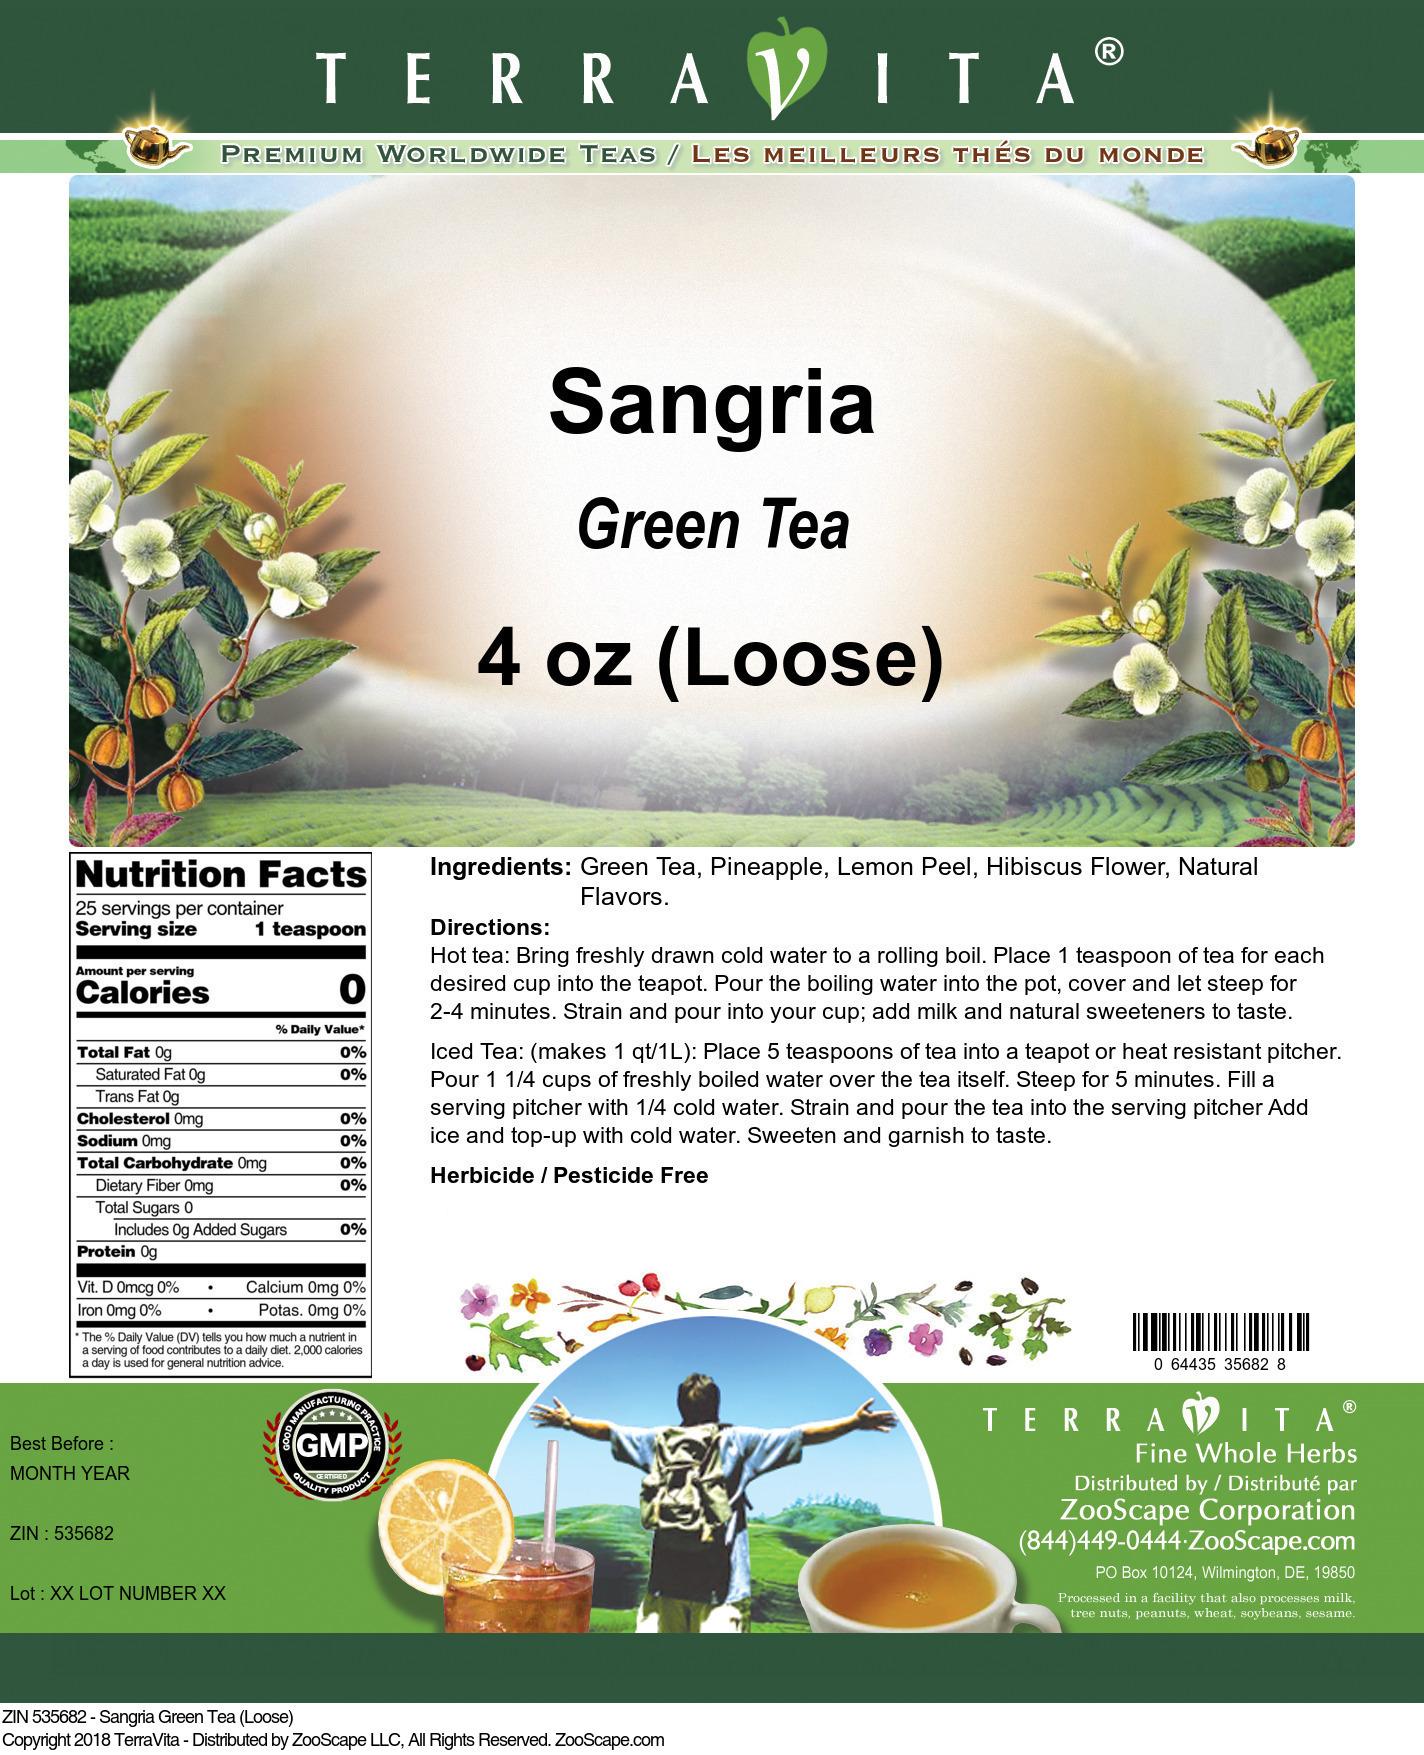 Sangria Green Tea